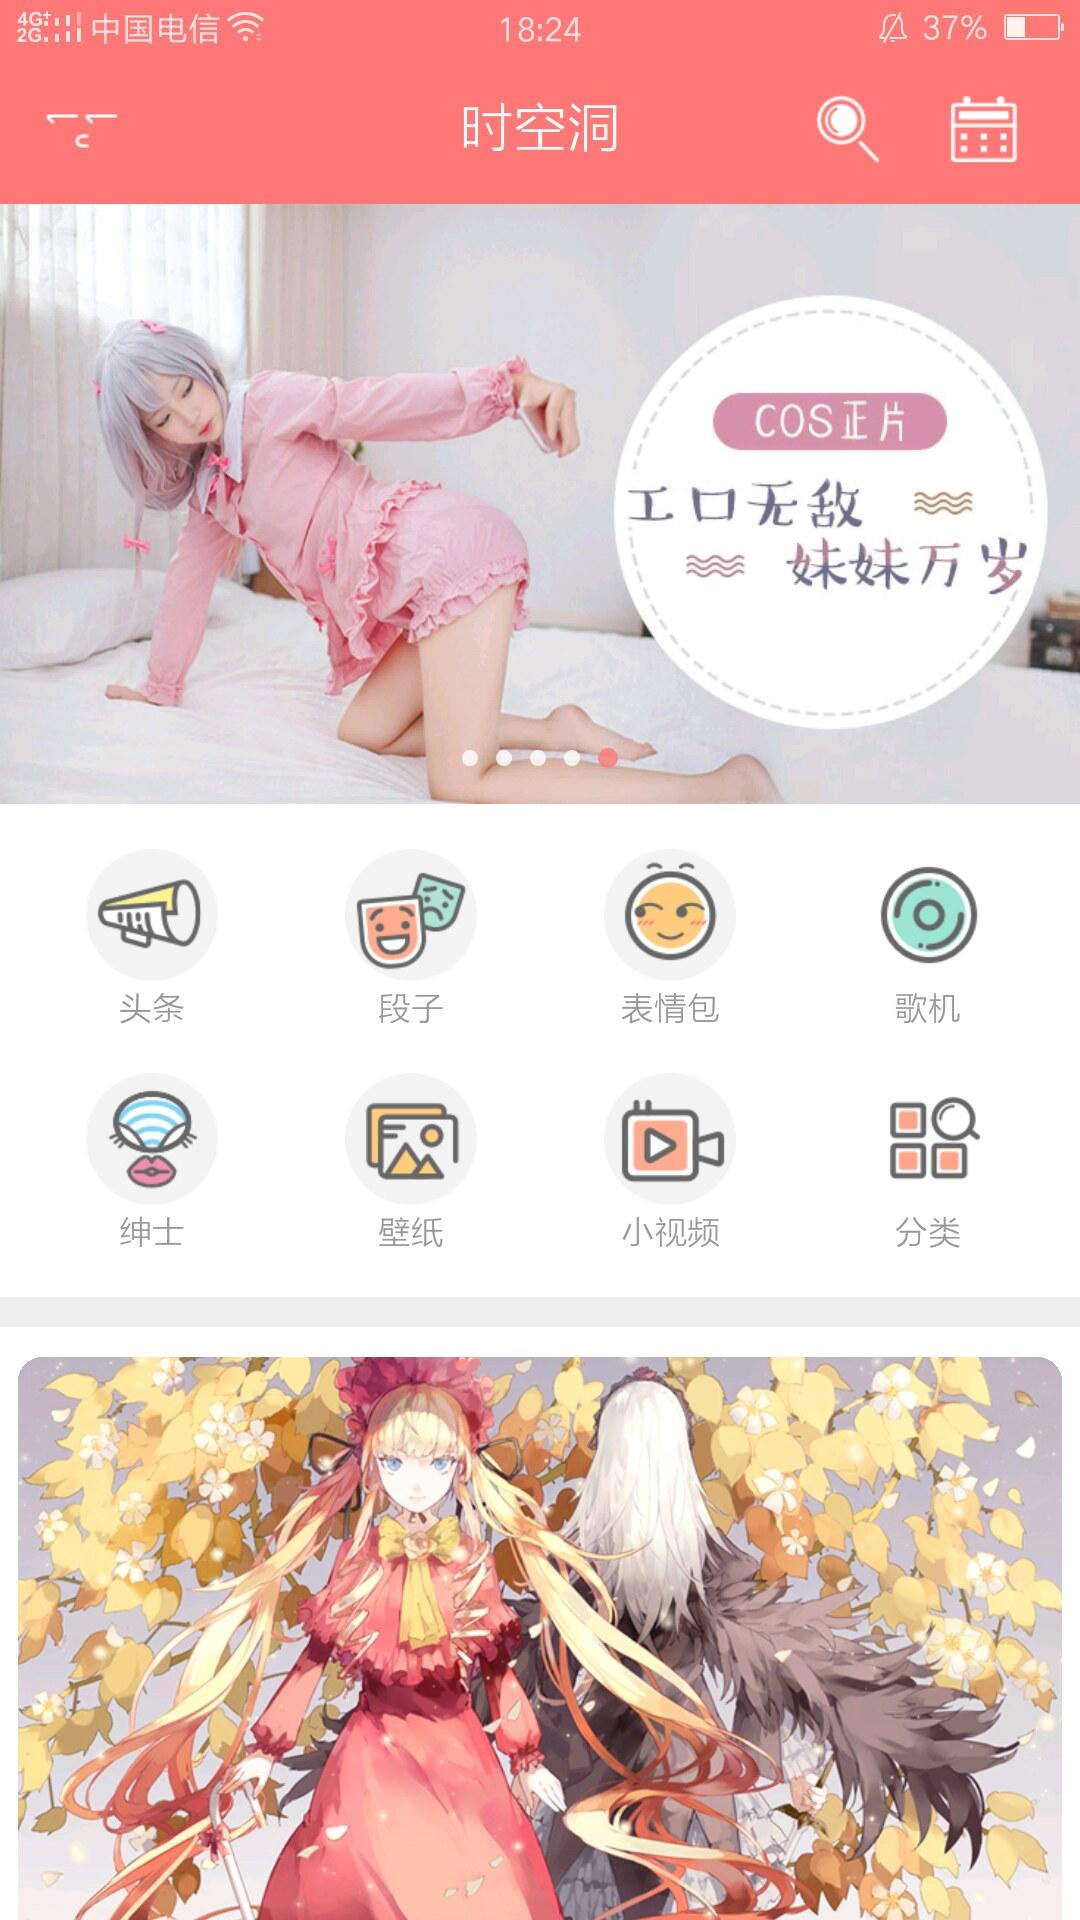 【分享】呆呆酱v2.4.5 二次元恋爱聊天机器人-爱小助